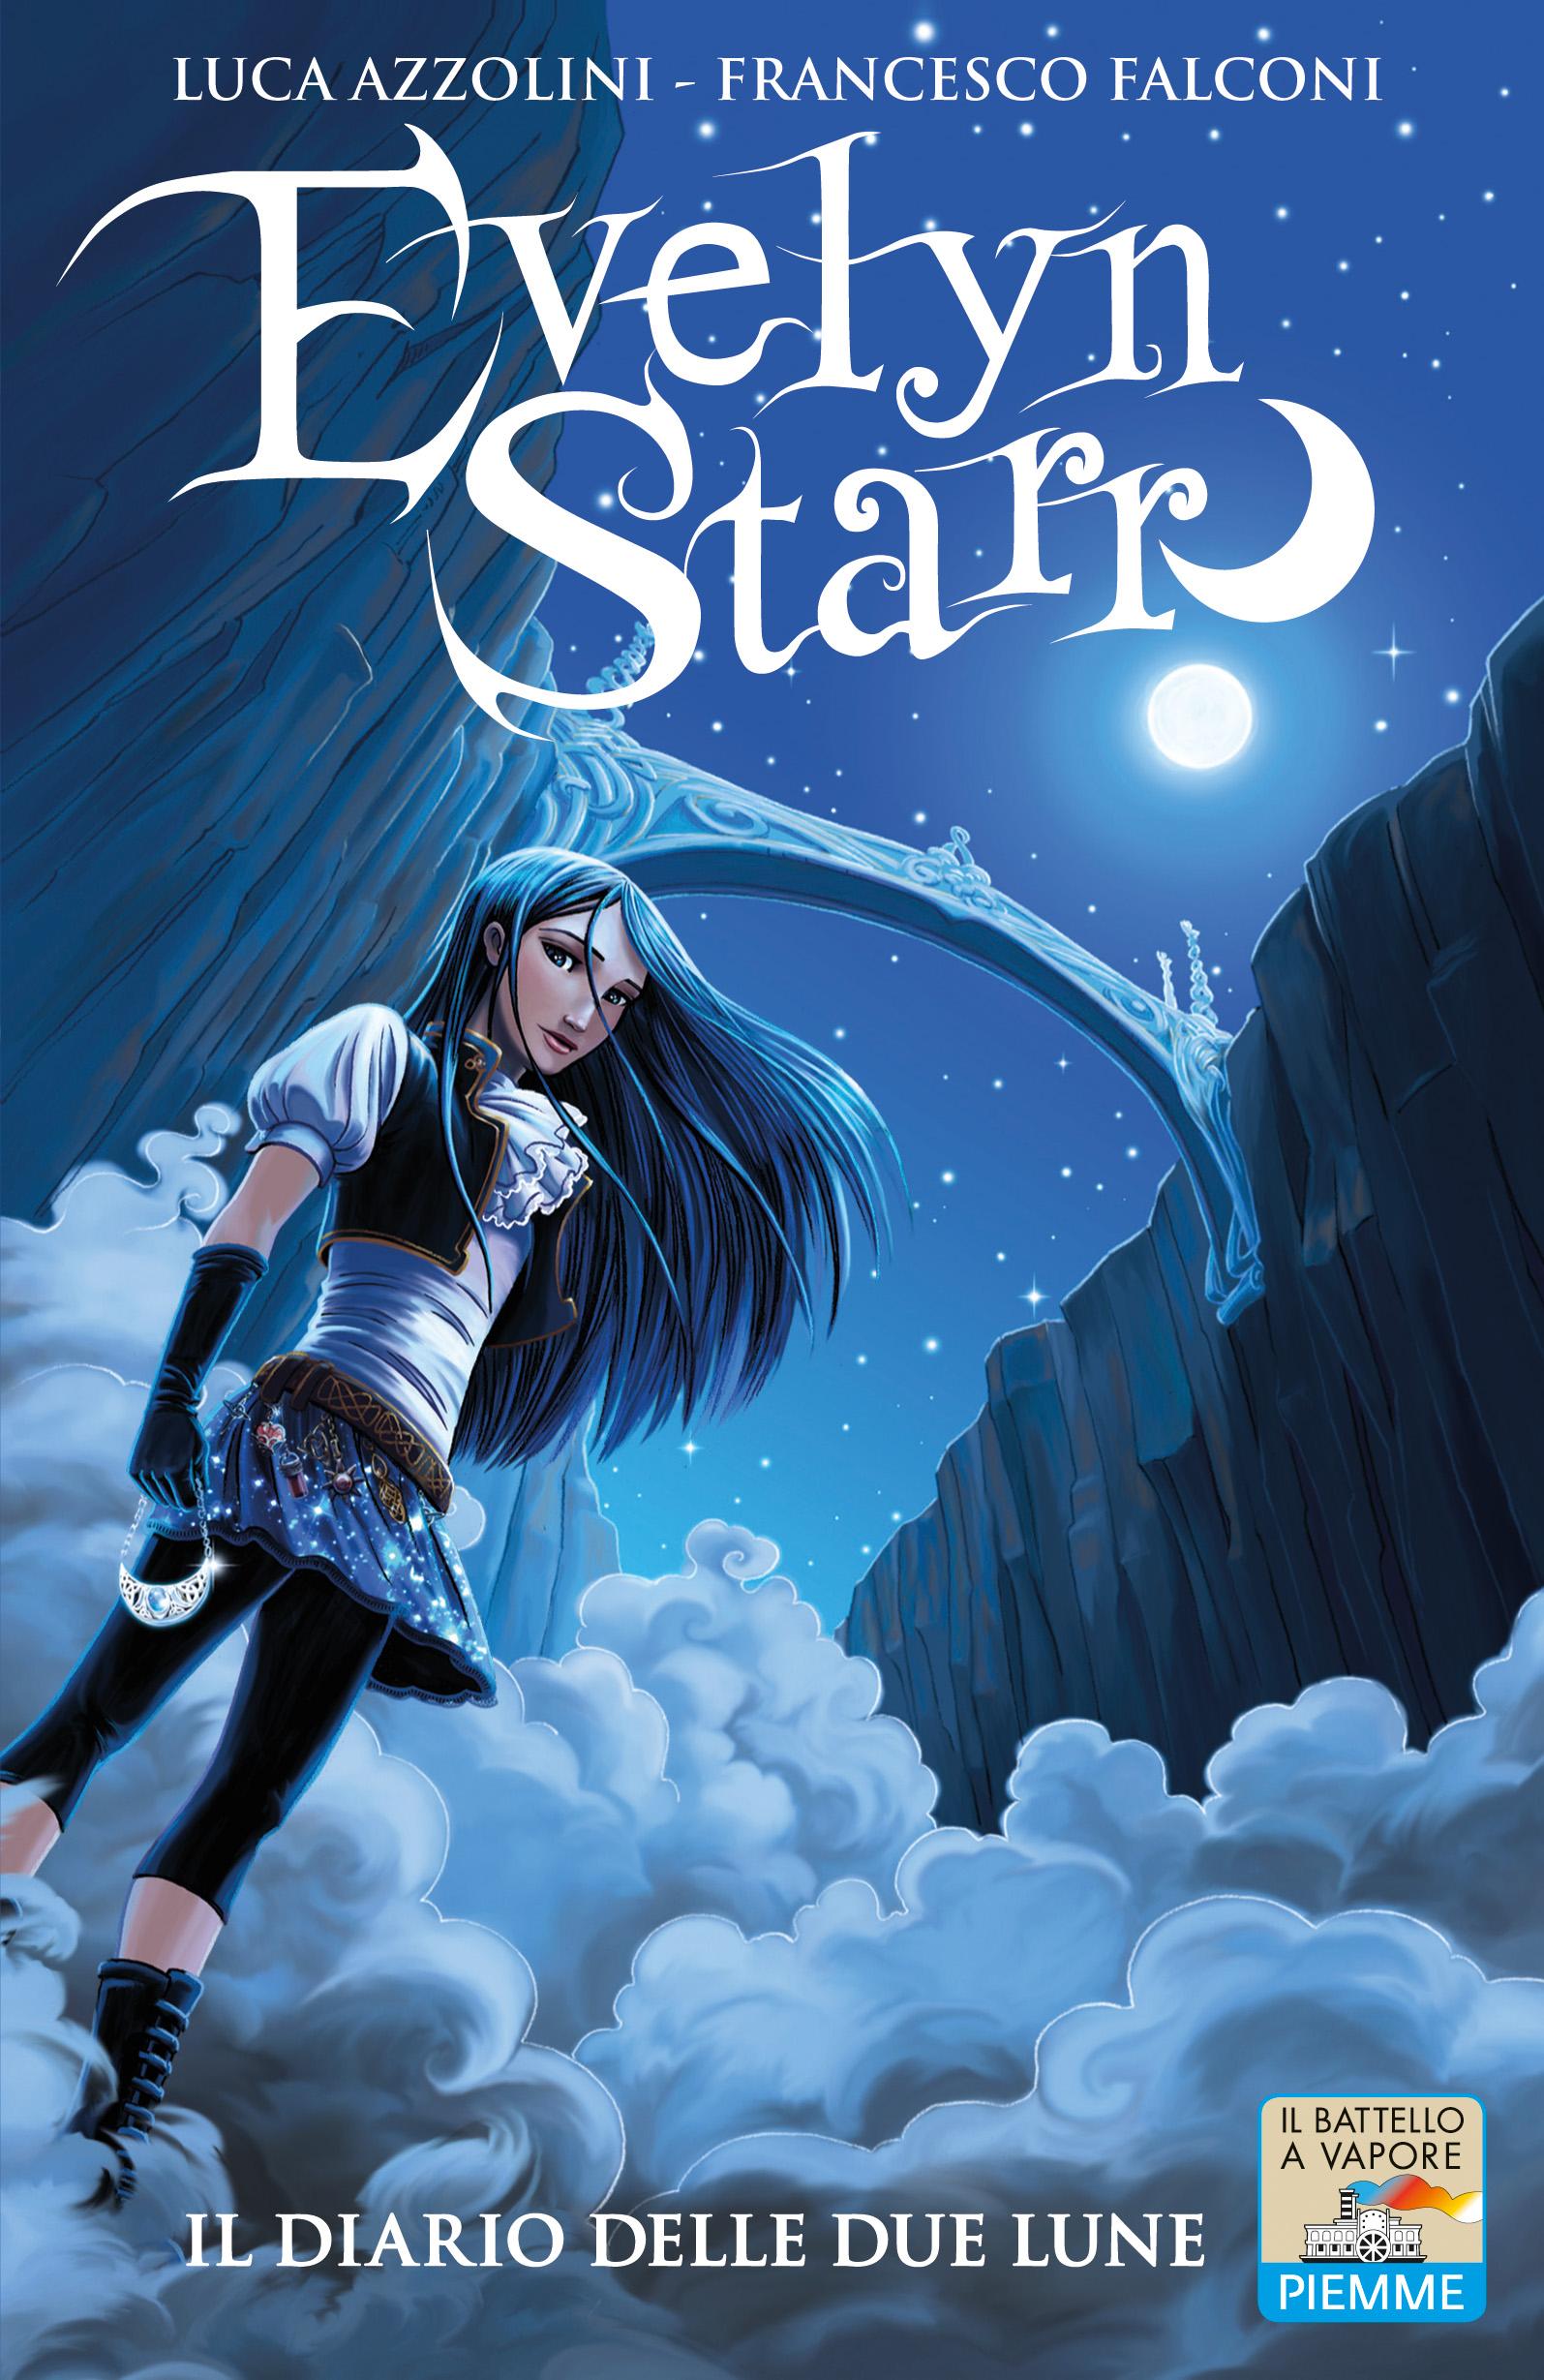 Evelyn Starr 1 il diario delle due lune